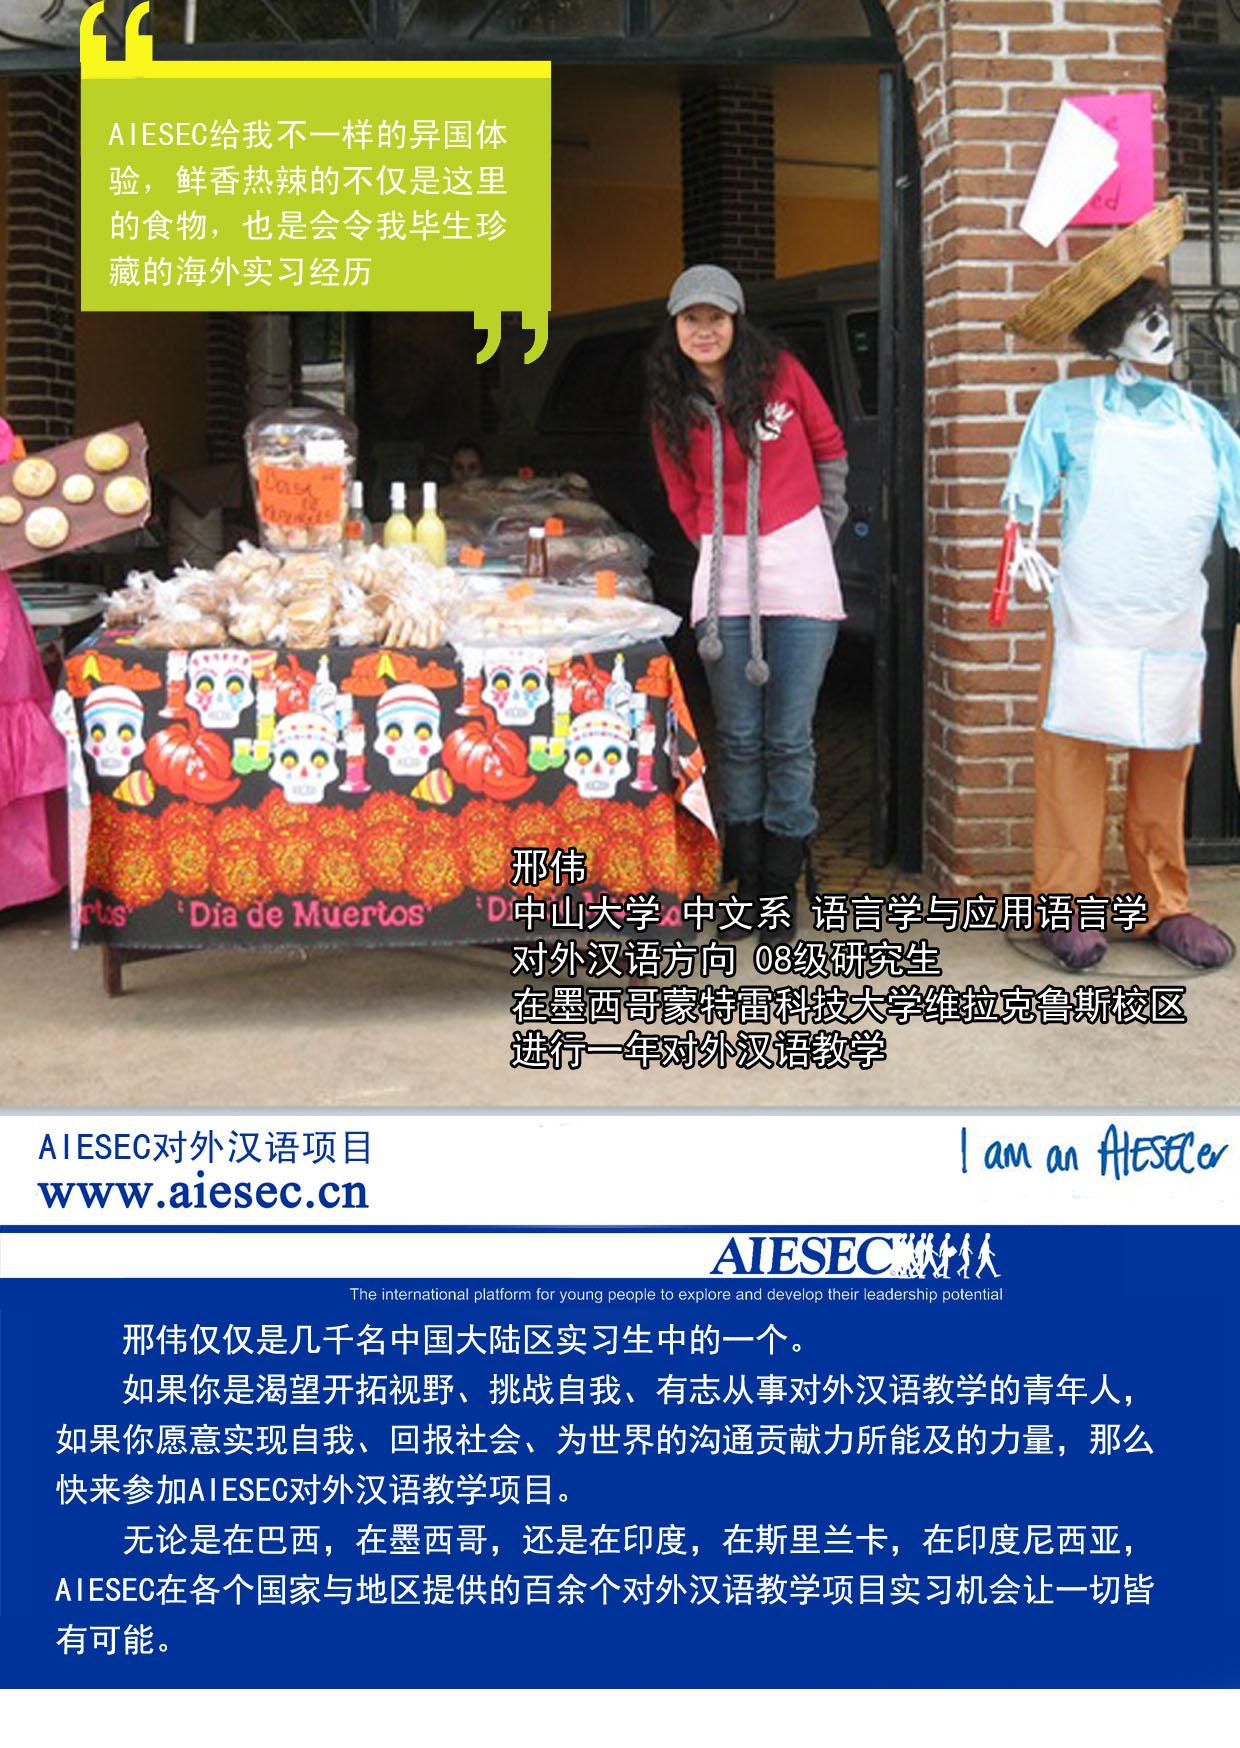 【寻人启事】AIESEC对外汉语教学海外实习项目 - 麦田守望者 - 对外汉语教学交流